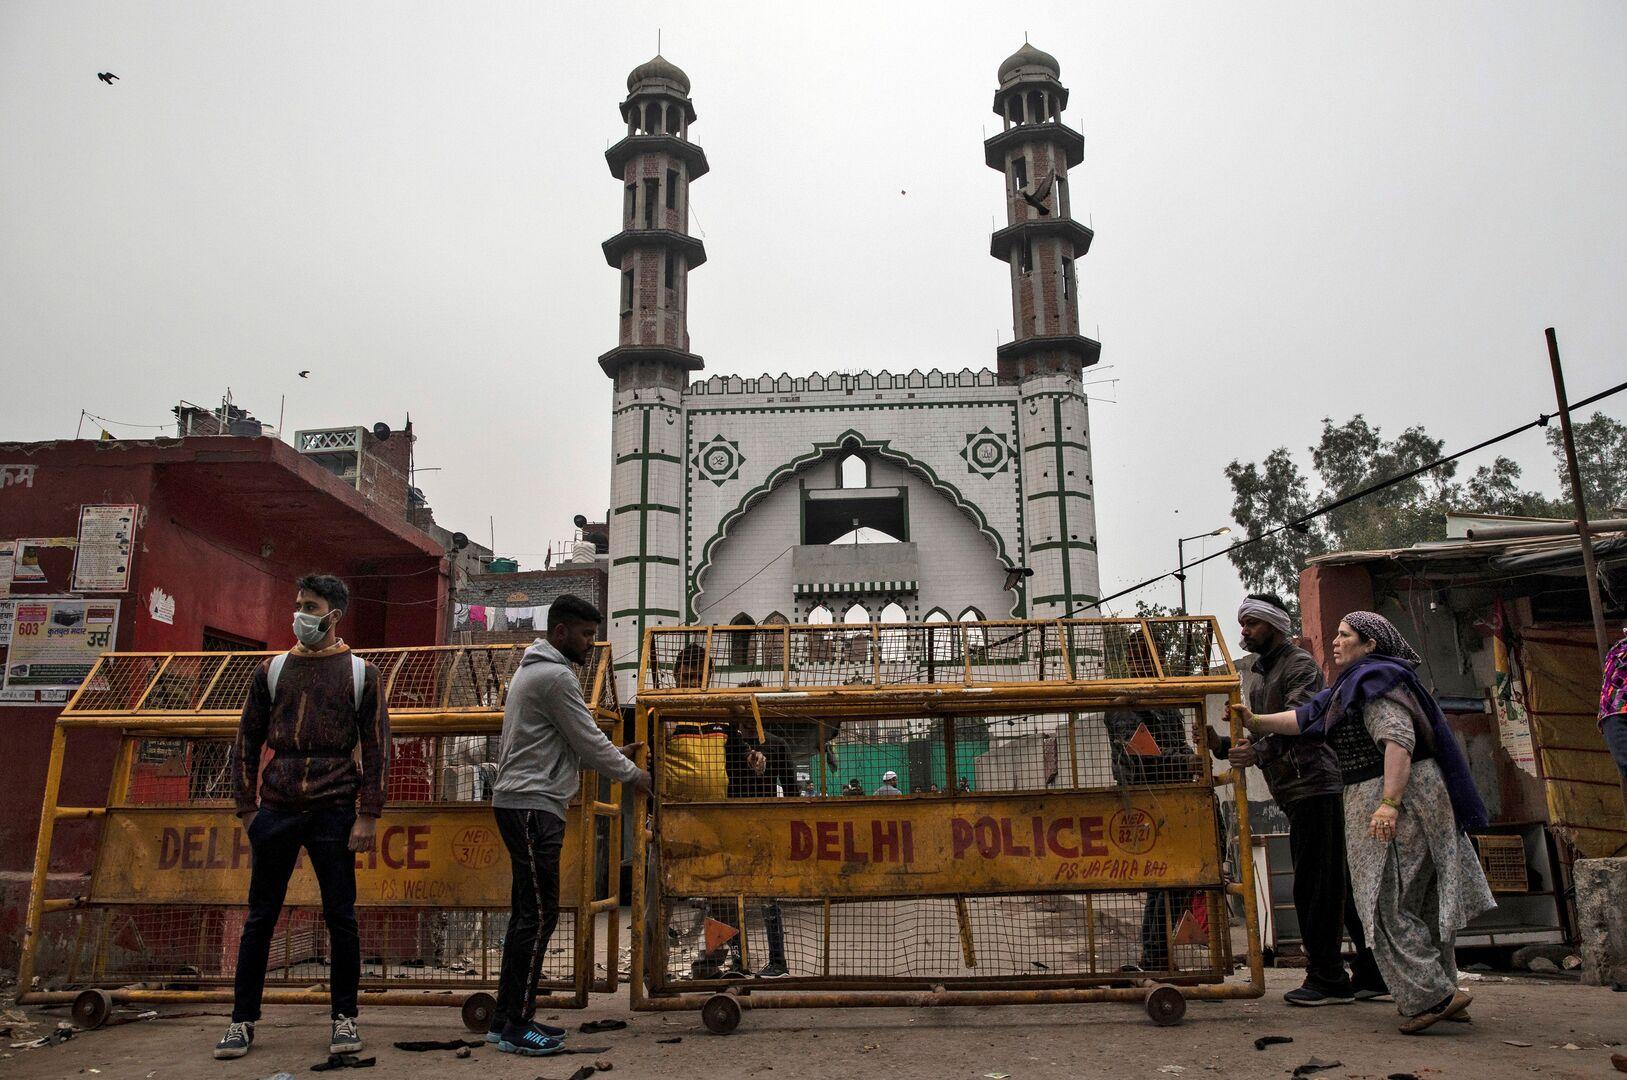 محكمة هندية ترفض التماسا لوقف تنفيذ قانون الجنسية